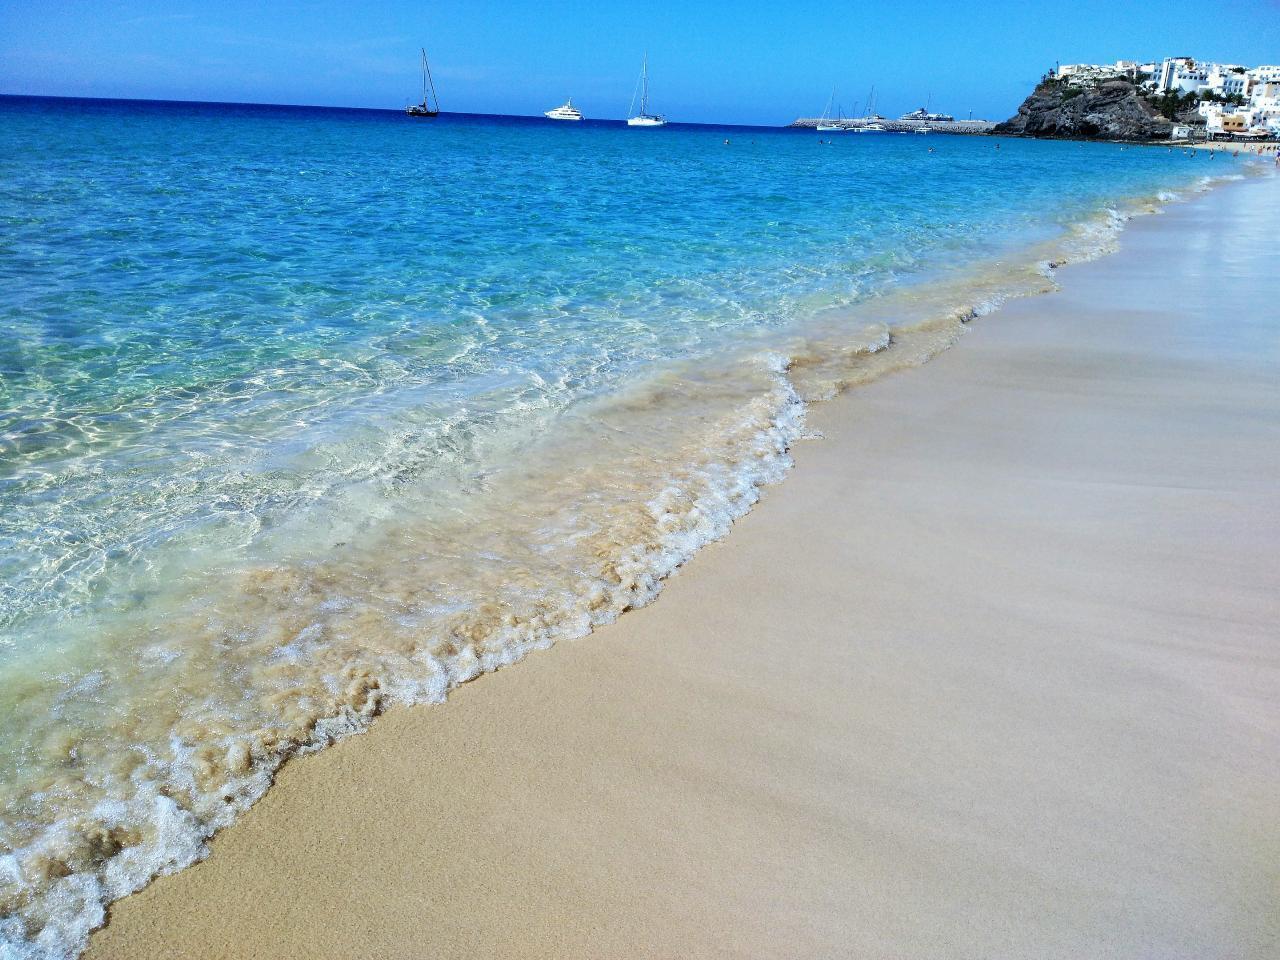 Ferienwohnung Apartment 2 / 4er Direkt am Meer, mit Blick auf den Strand, Schwimmbäder, ausgestattet. WI (634890), Morro Jable, Fuerteventura, Kanarische Inseln, Spanien, Bild 26